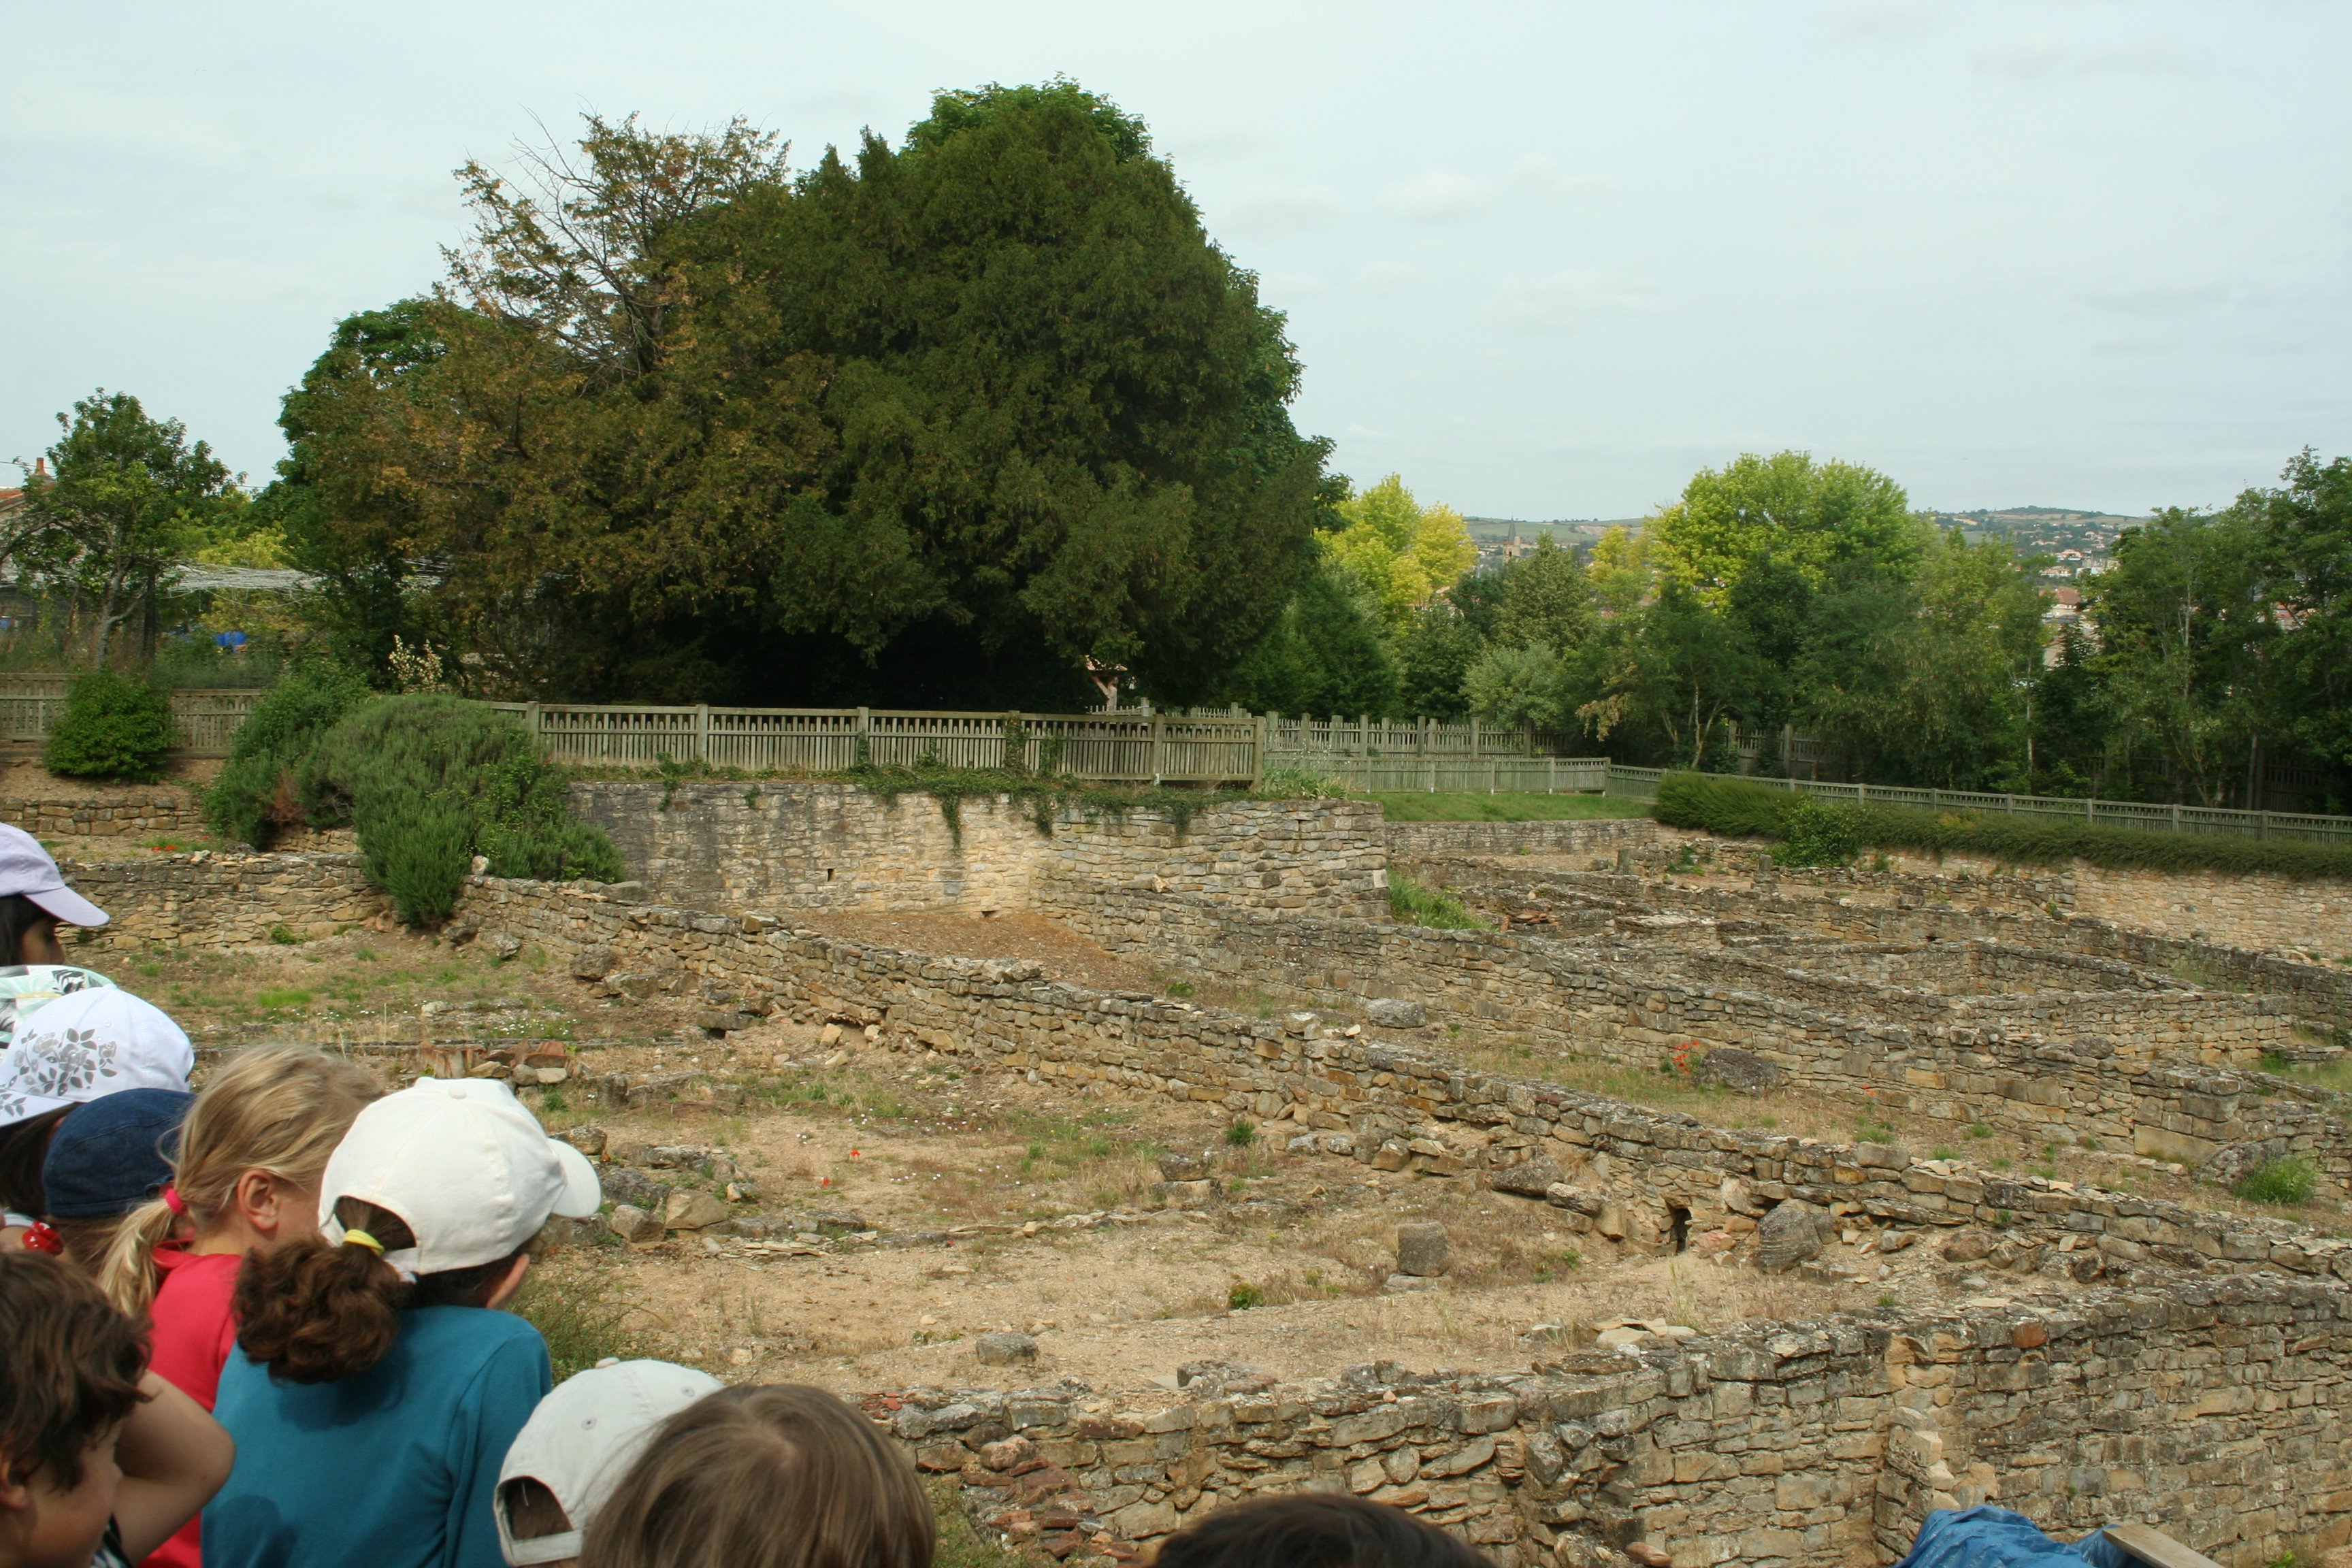 La Visite découverte : Sur les pas des archéologues !